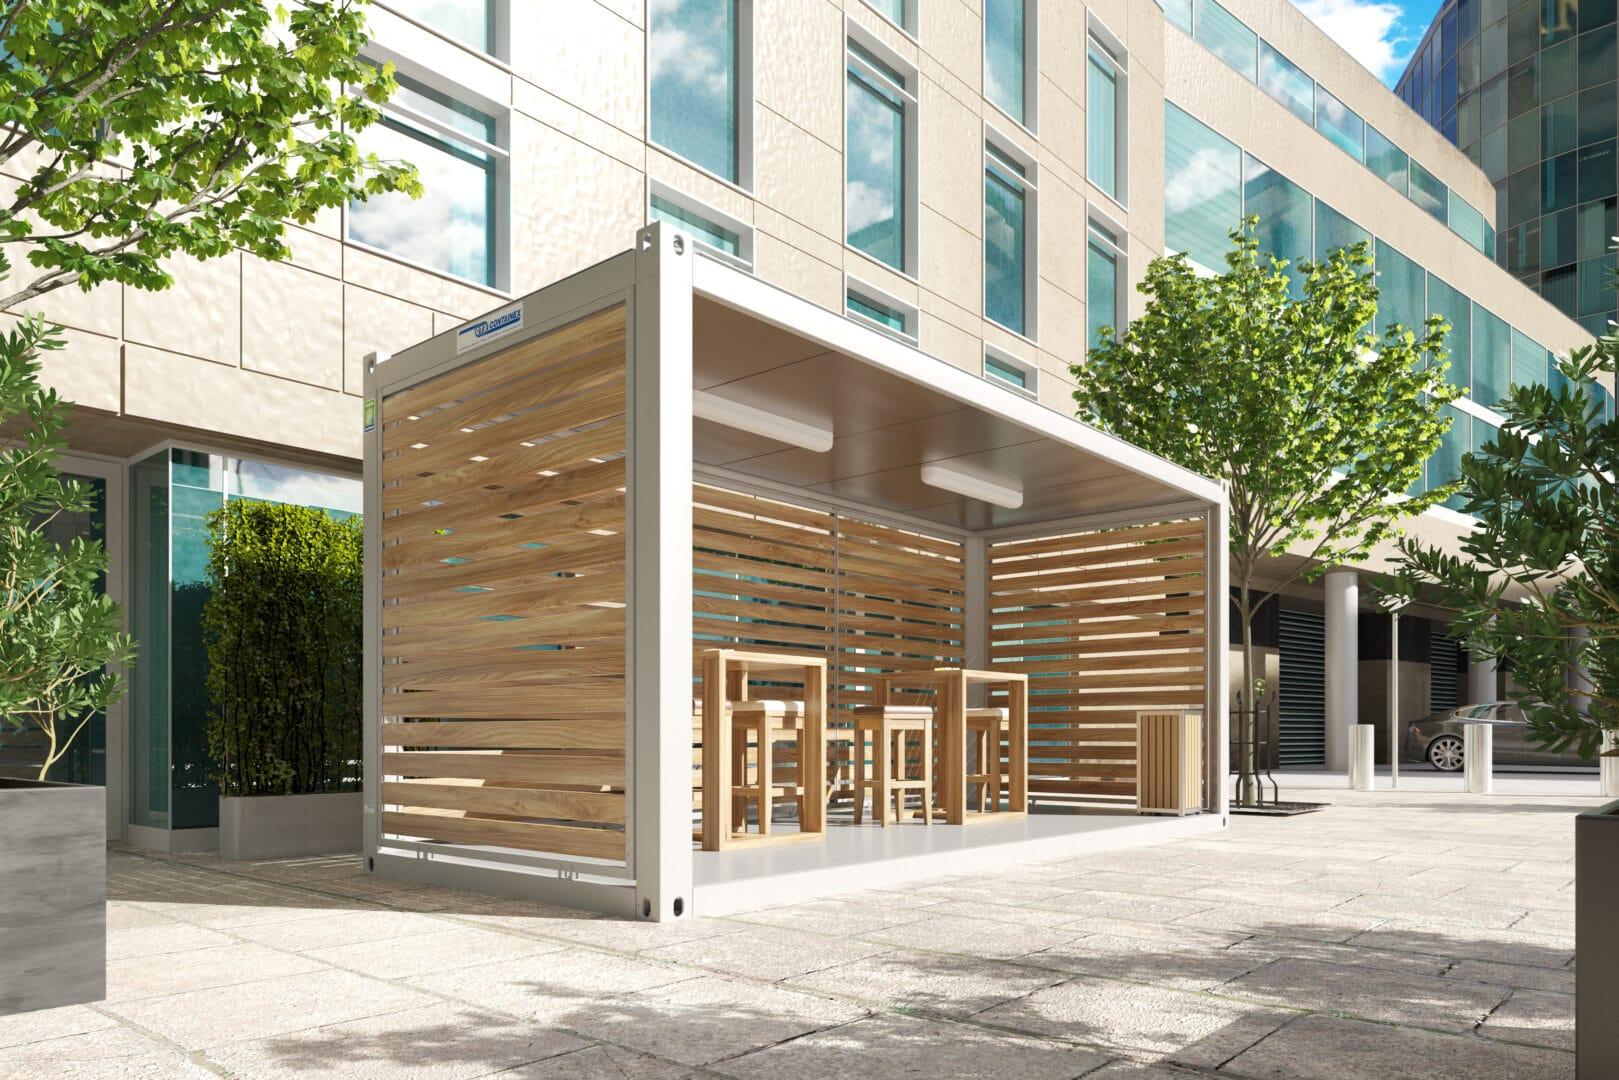 Terras_container_houten_bekleding